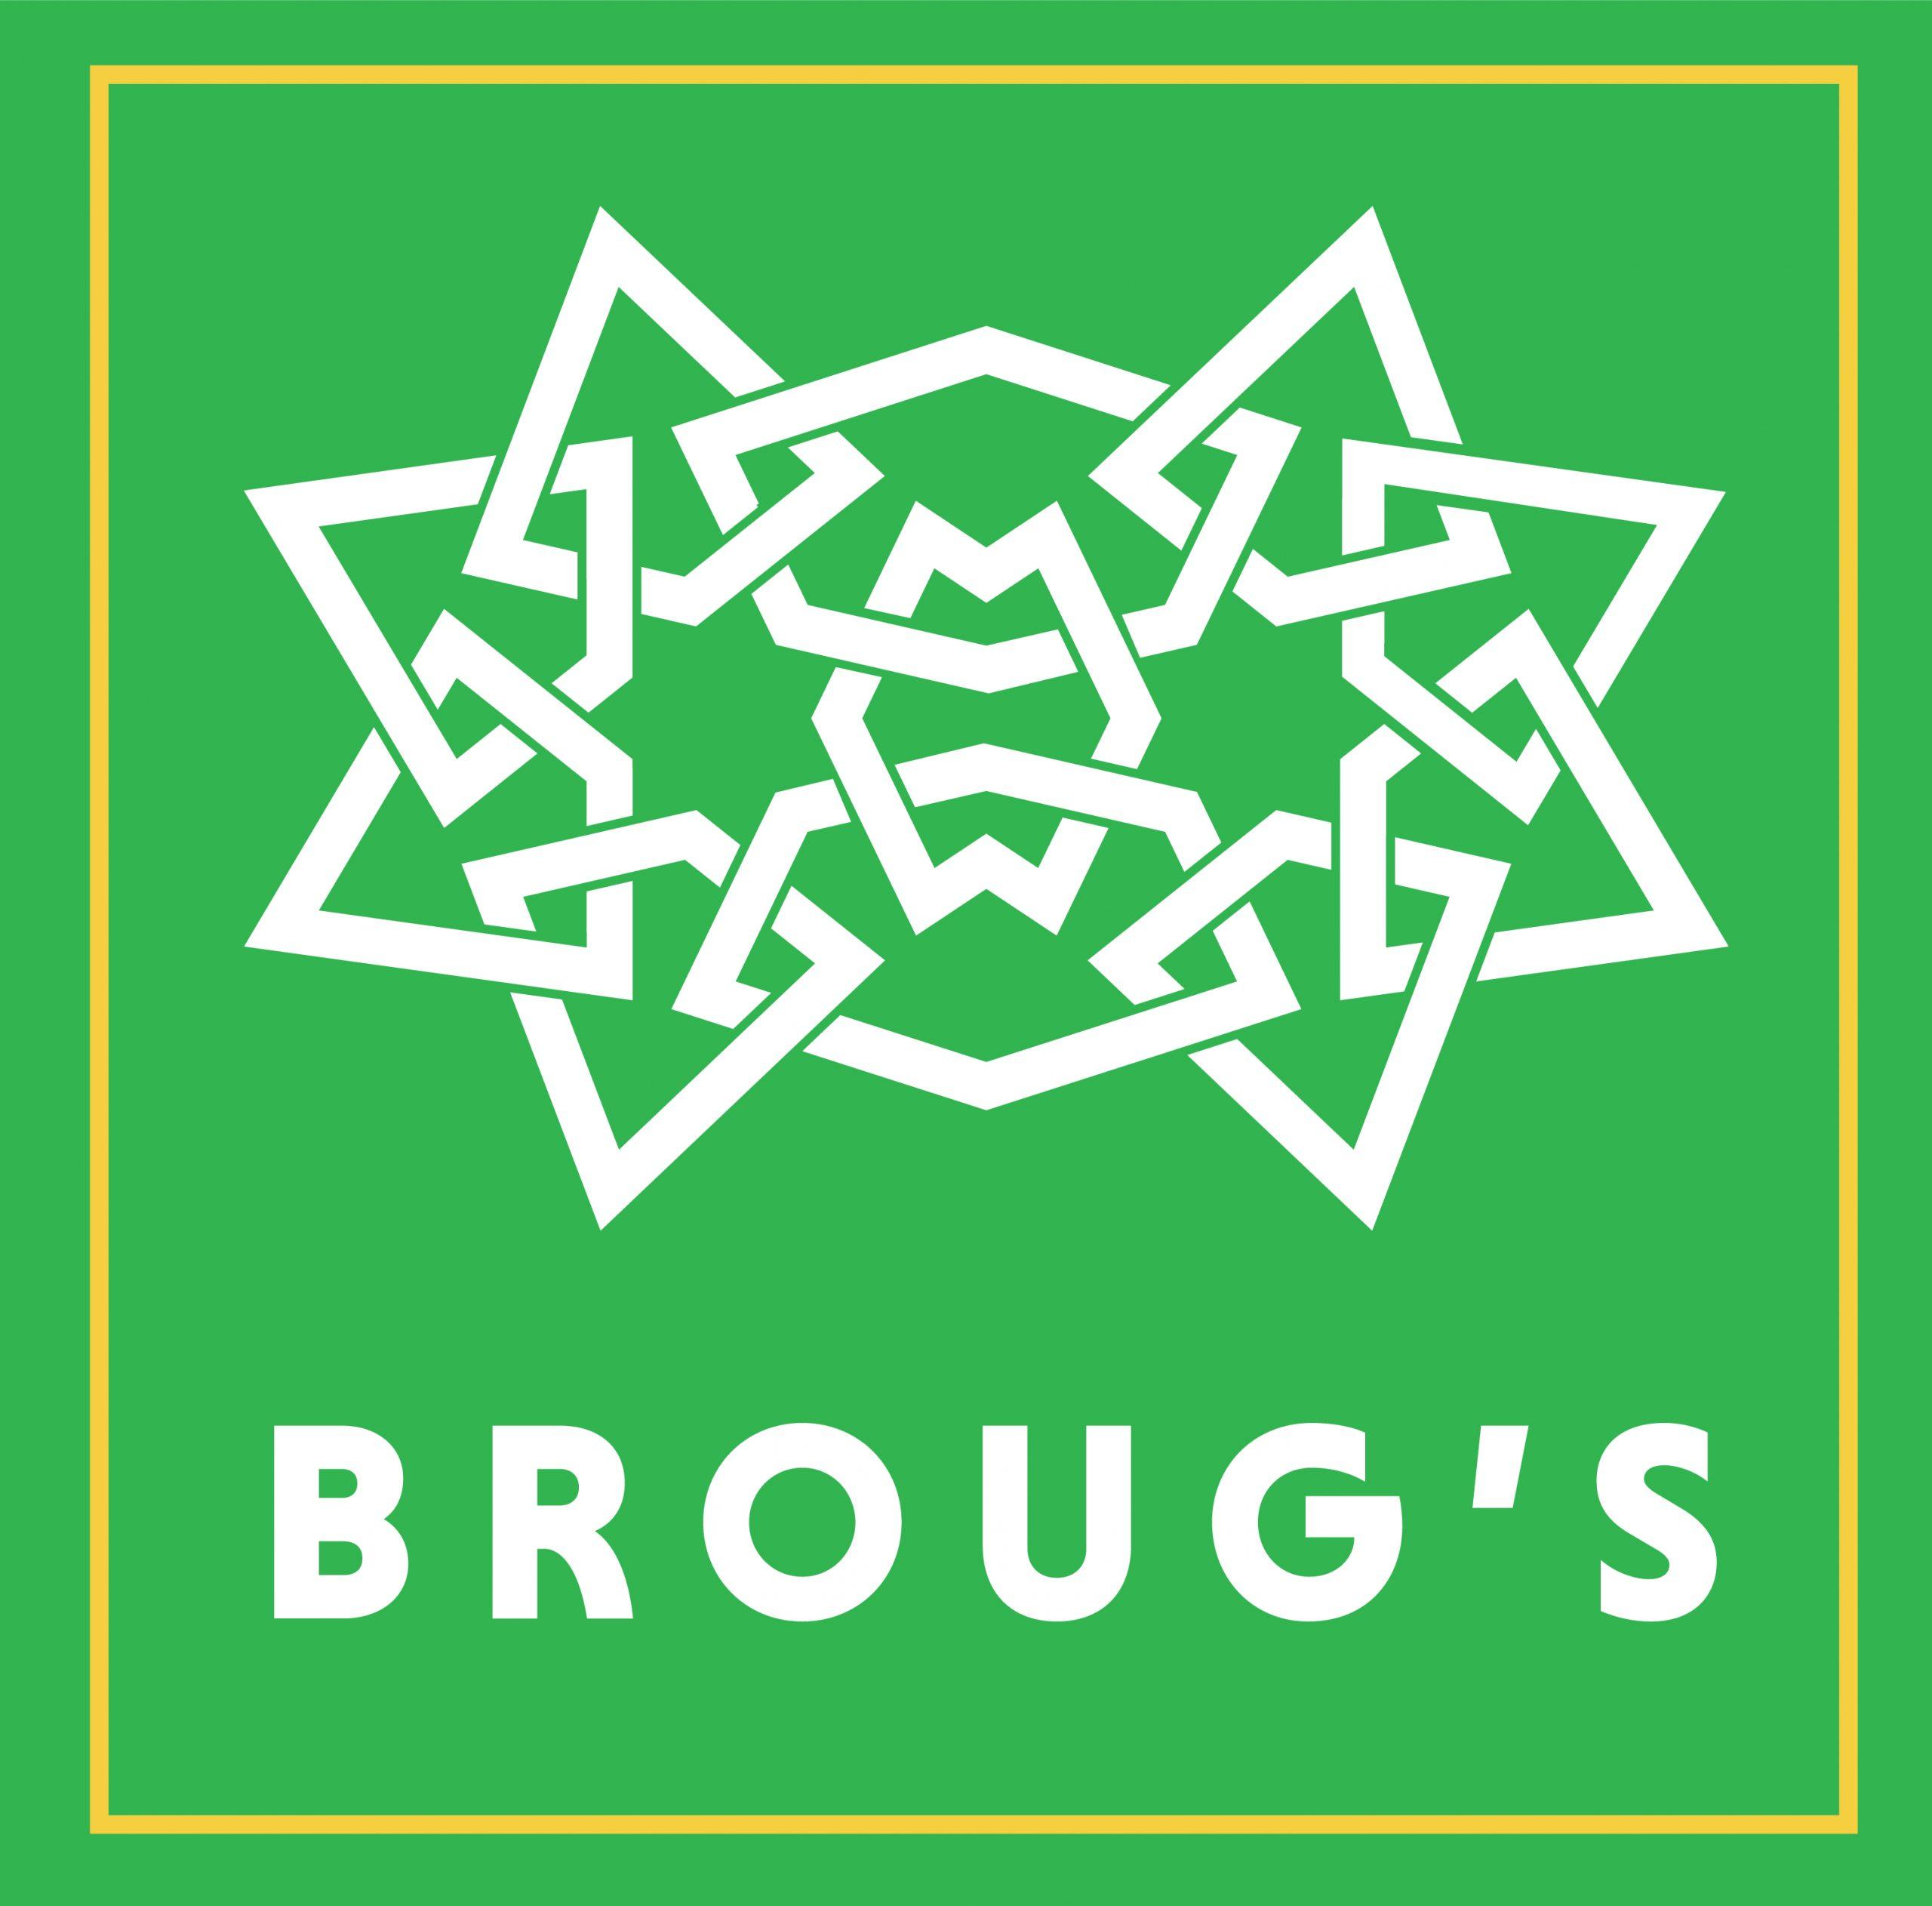 BROUG's Shop   Hebden Bridge, West Yorkshire   homeware & Gifts